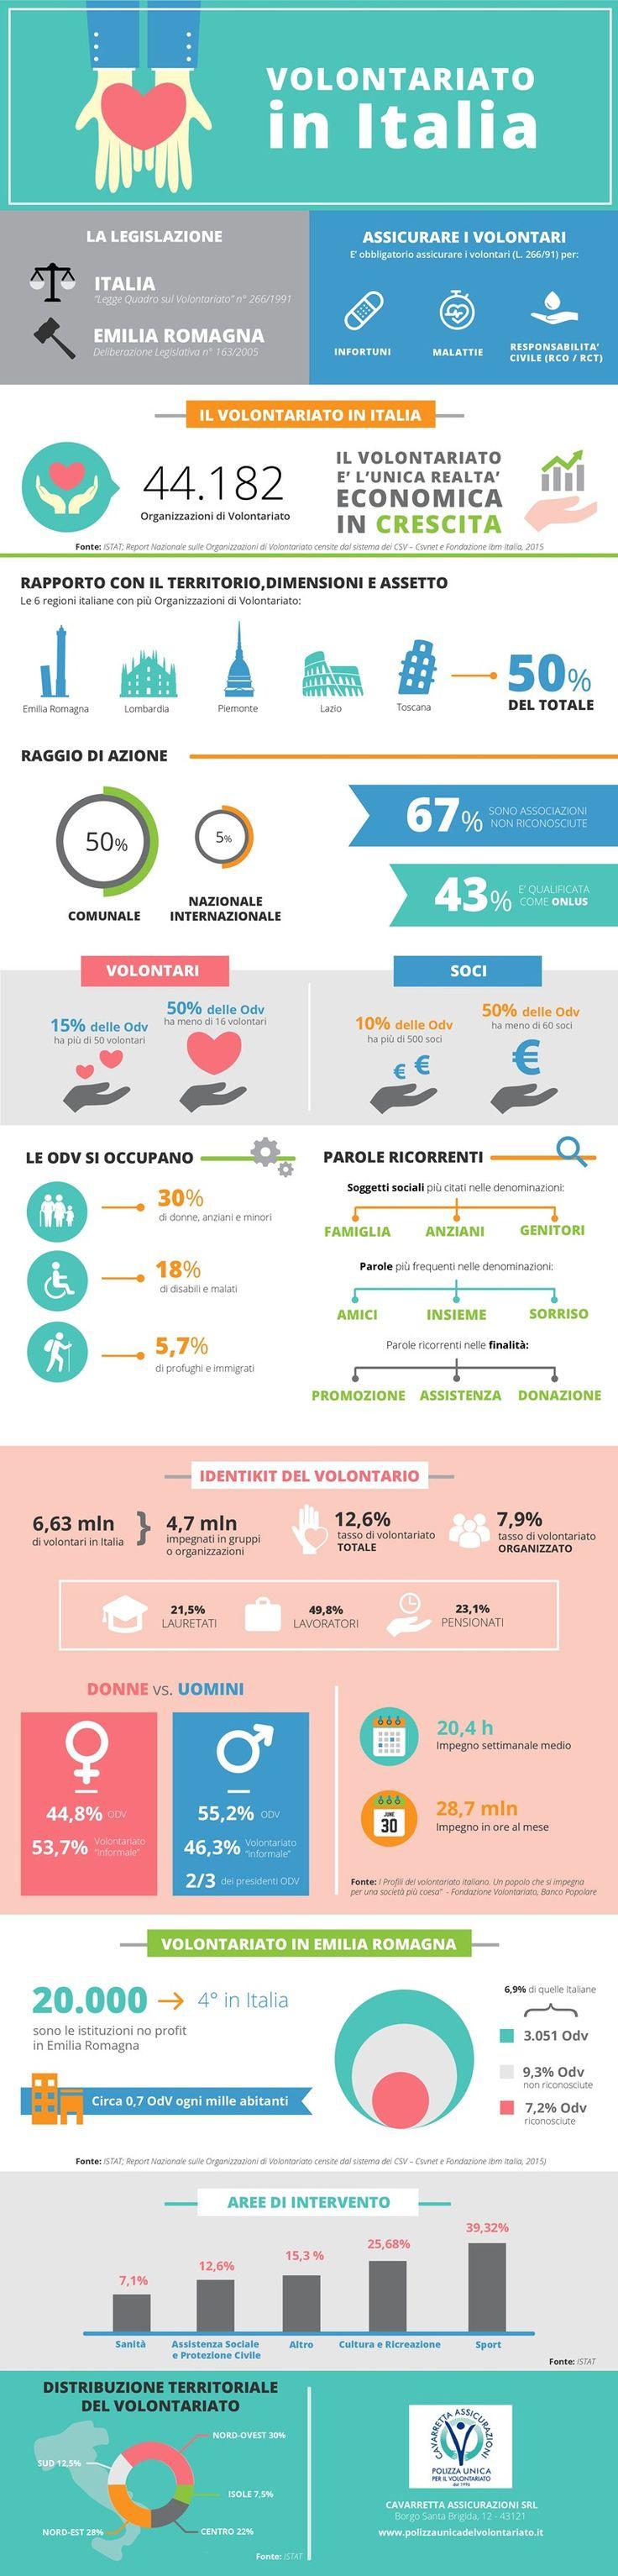 infografica cavarretta volontariato italia 2016